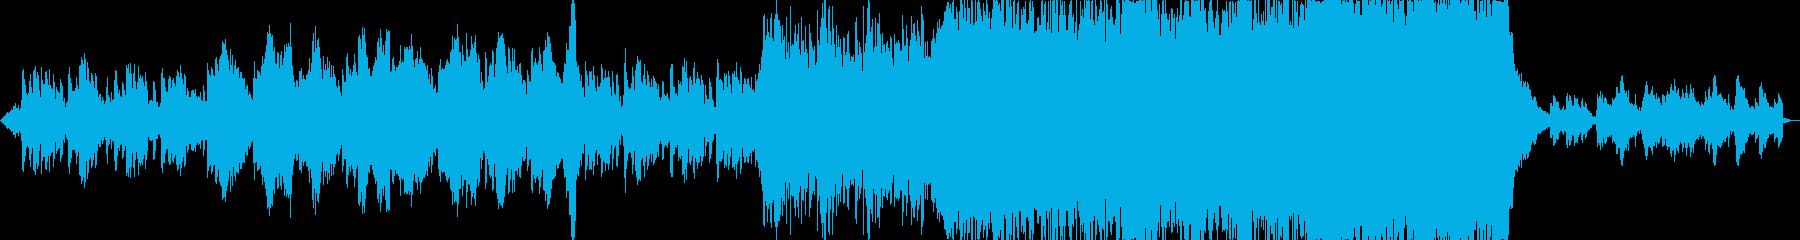 セツナ系ファンタジーオーケストラの再生済みの波形